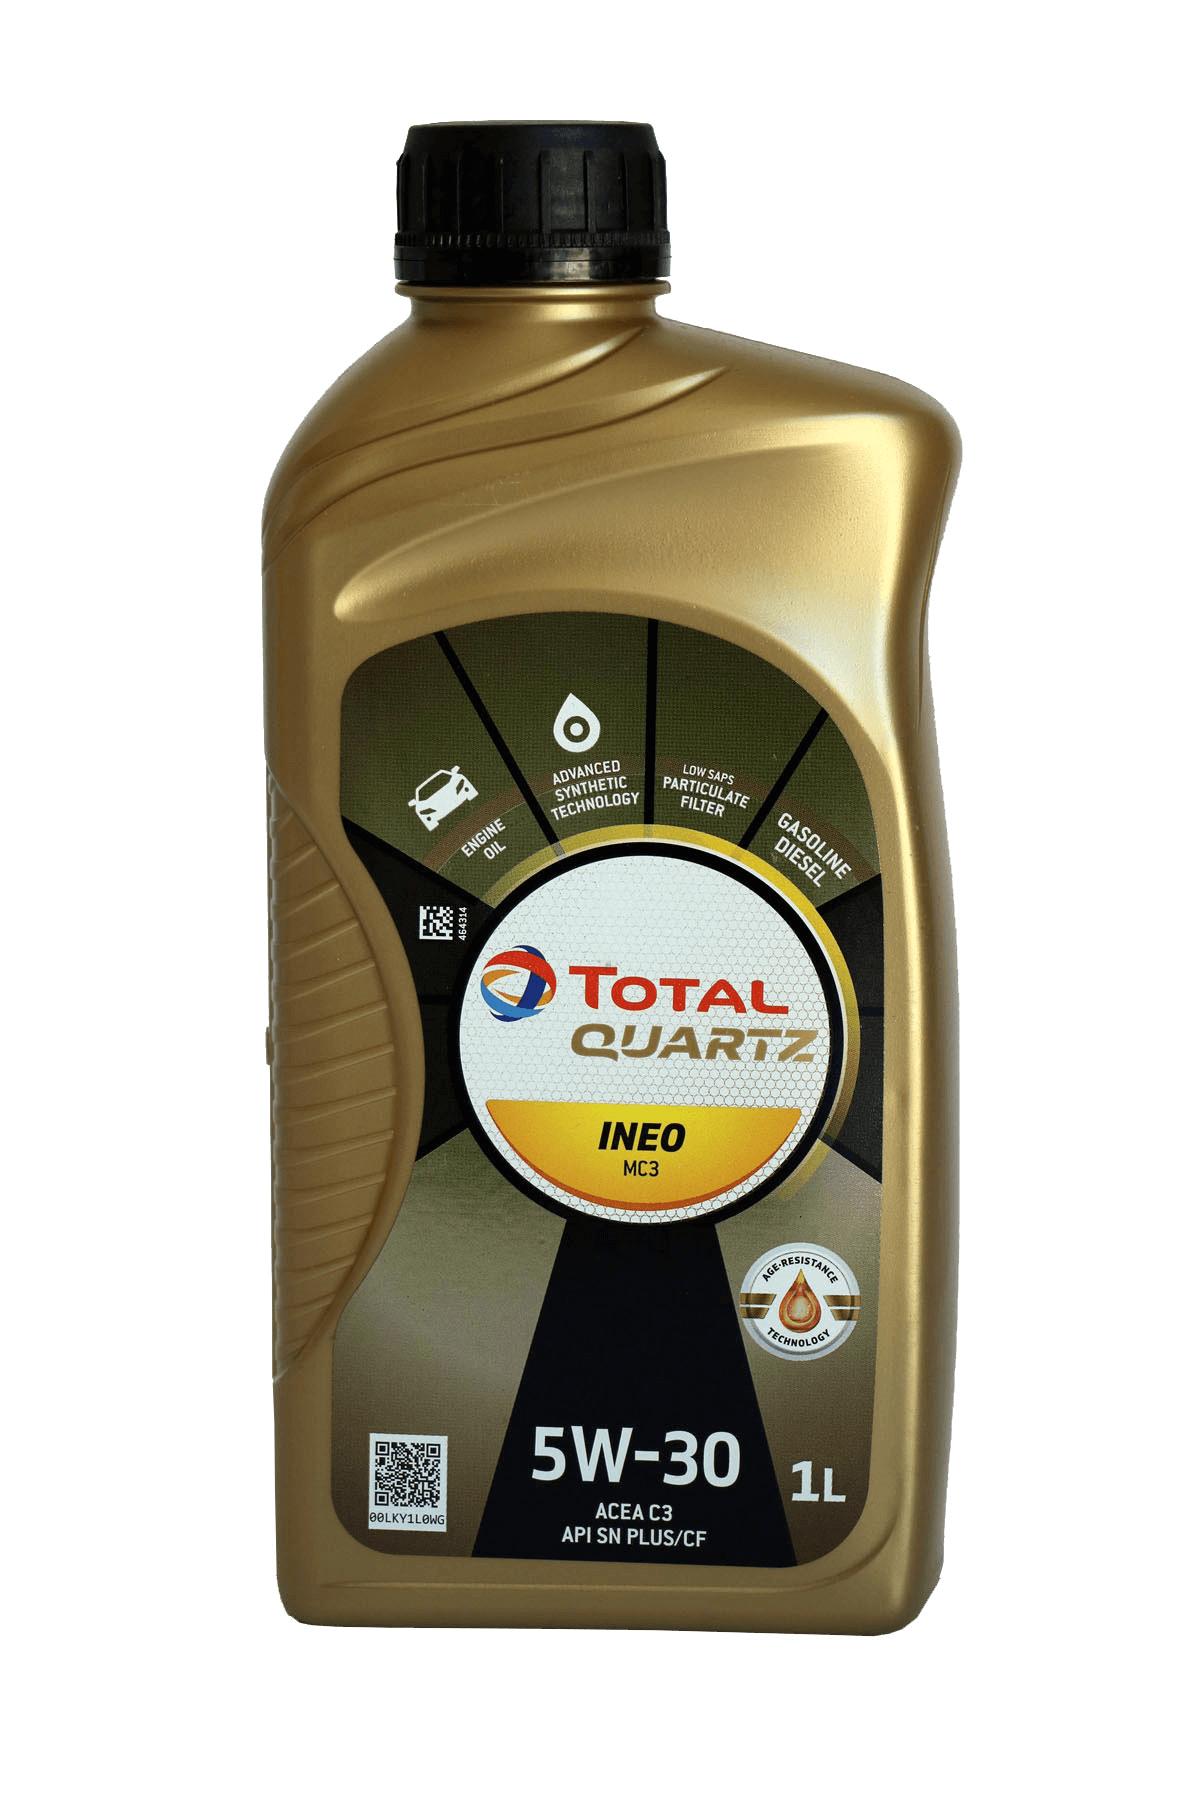 Total Quartz INEO MC3 5W-30 Motoröl, 1l